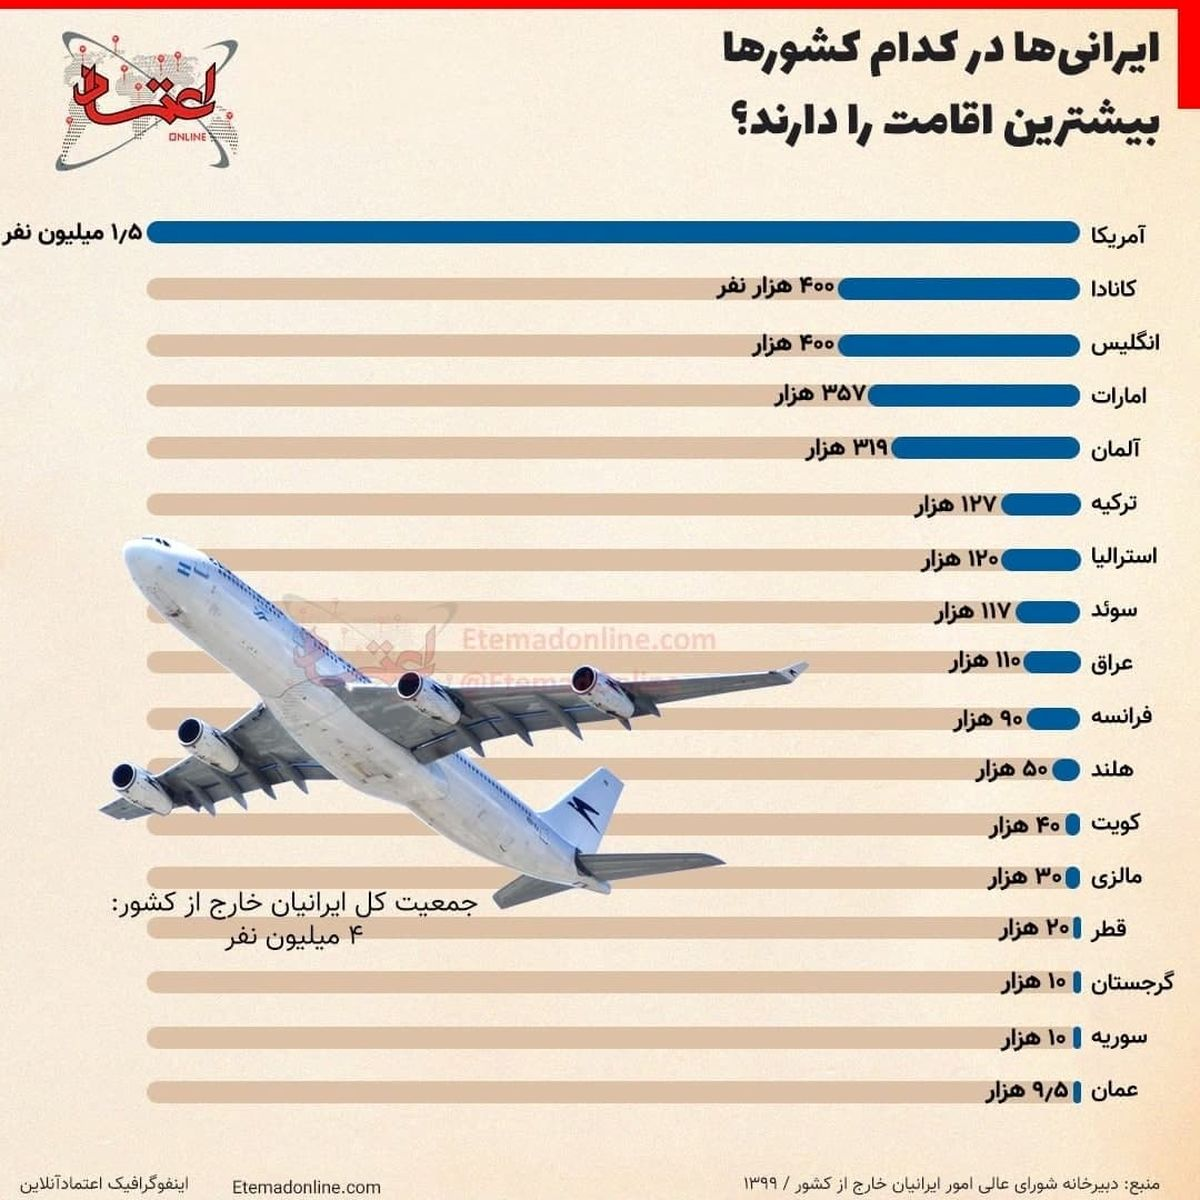 ایرانیها در کدام کشورها بیشترین اقامت را دارند؟+عکس